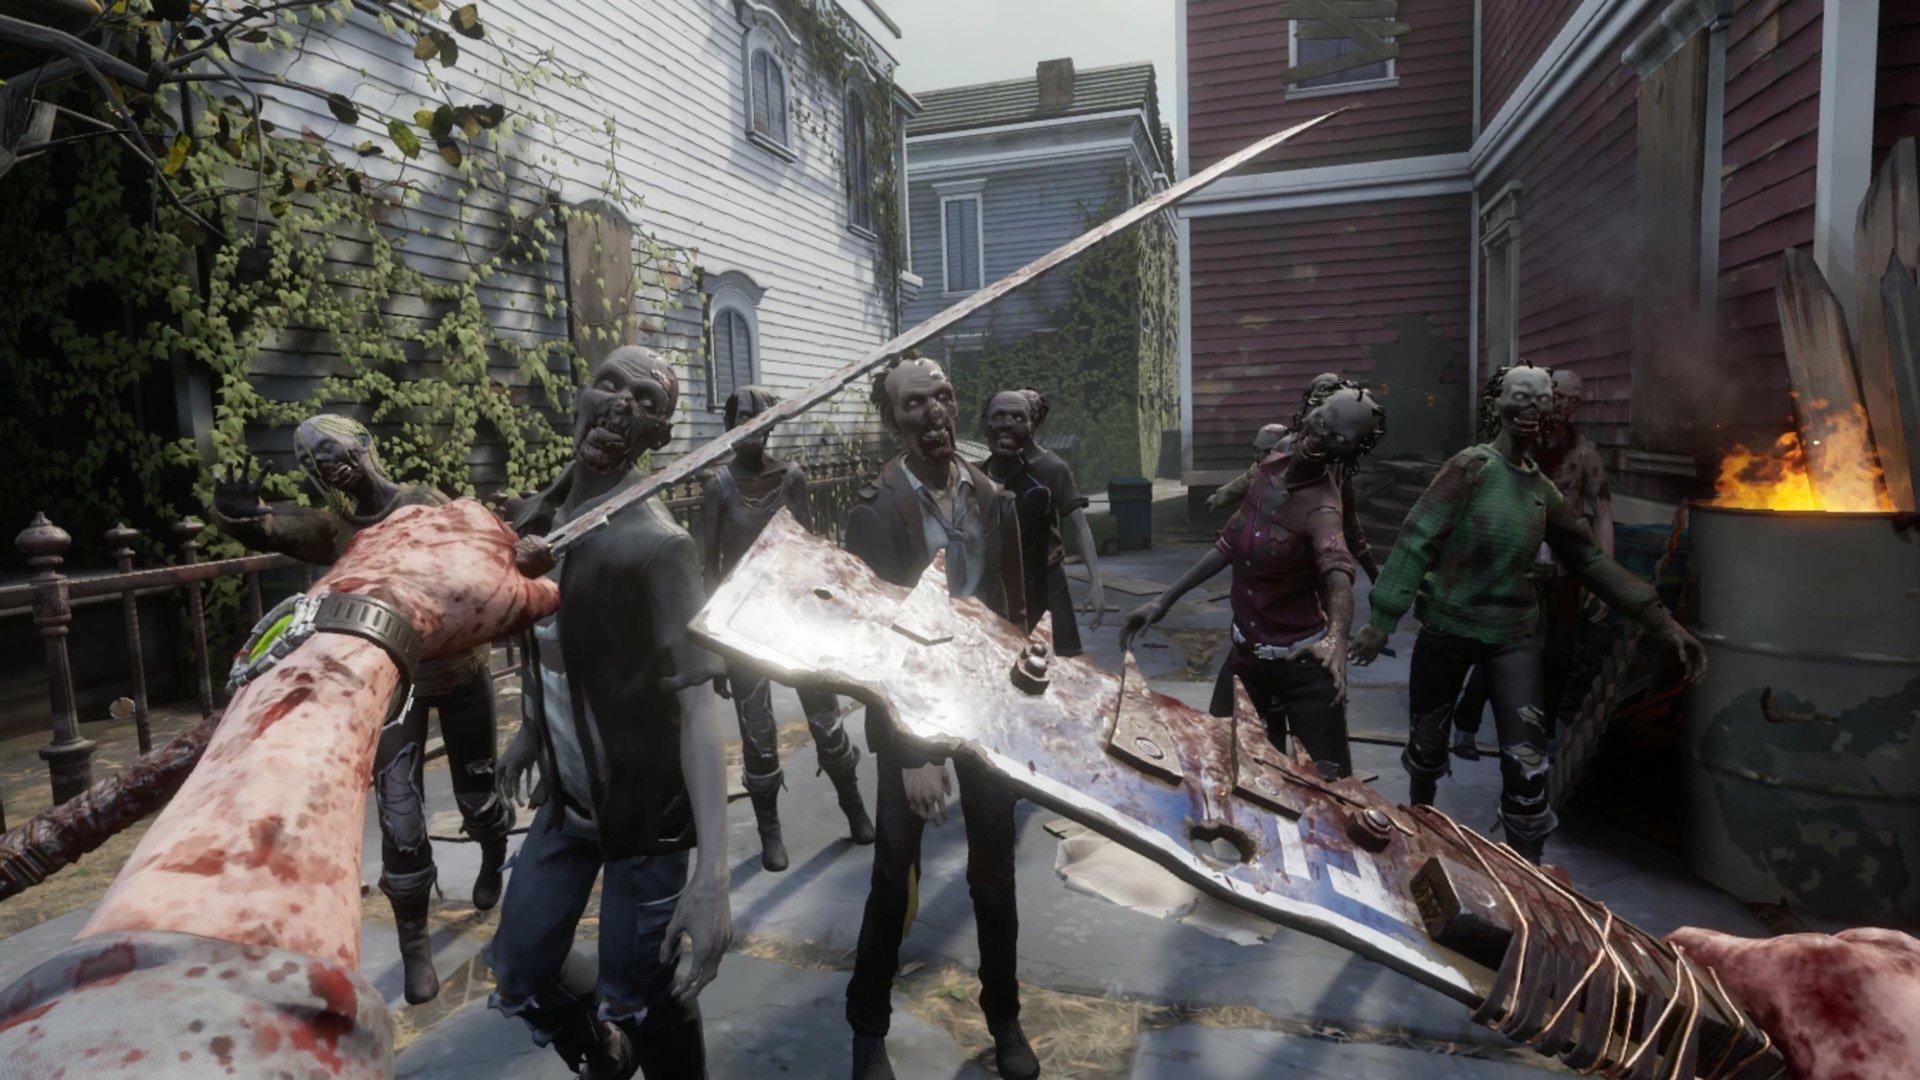 Nhà phát triển Walking Dead cho rằng Engine vật lý là chìa khoá dẫn đến dòng Game thế hệ thứ 2